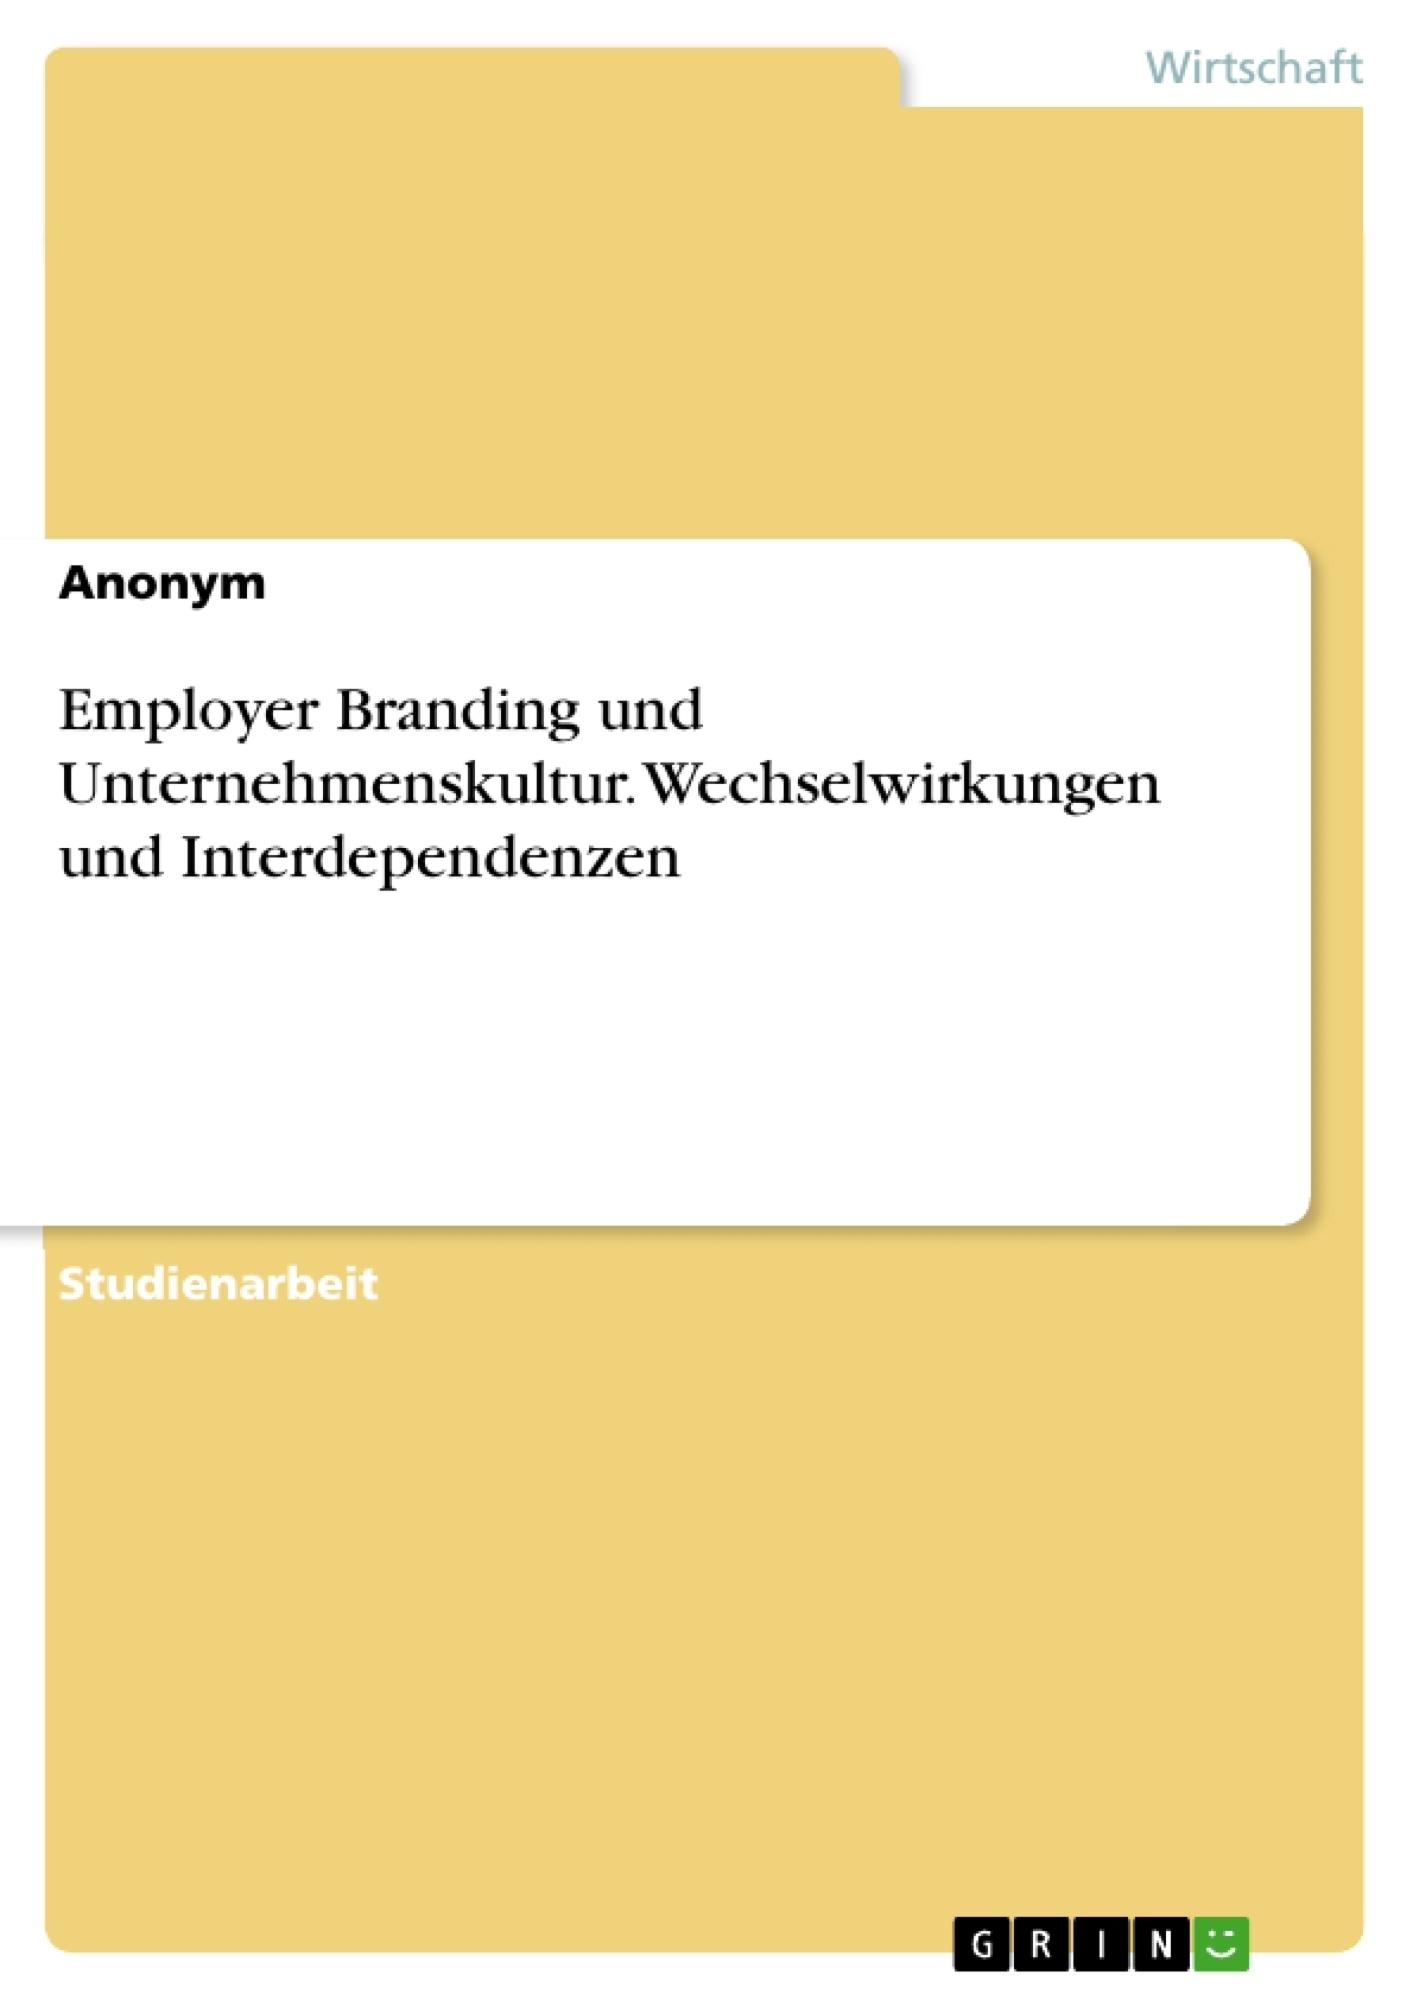 Titel: Employer Branding und Unternehmenskultur. Wechselwirkungen und Interdependenzen